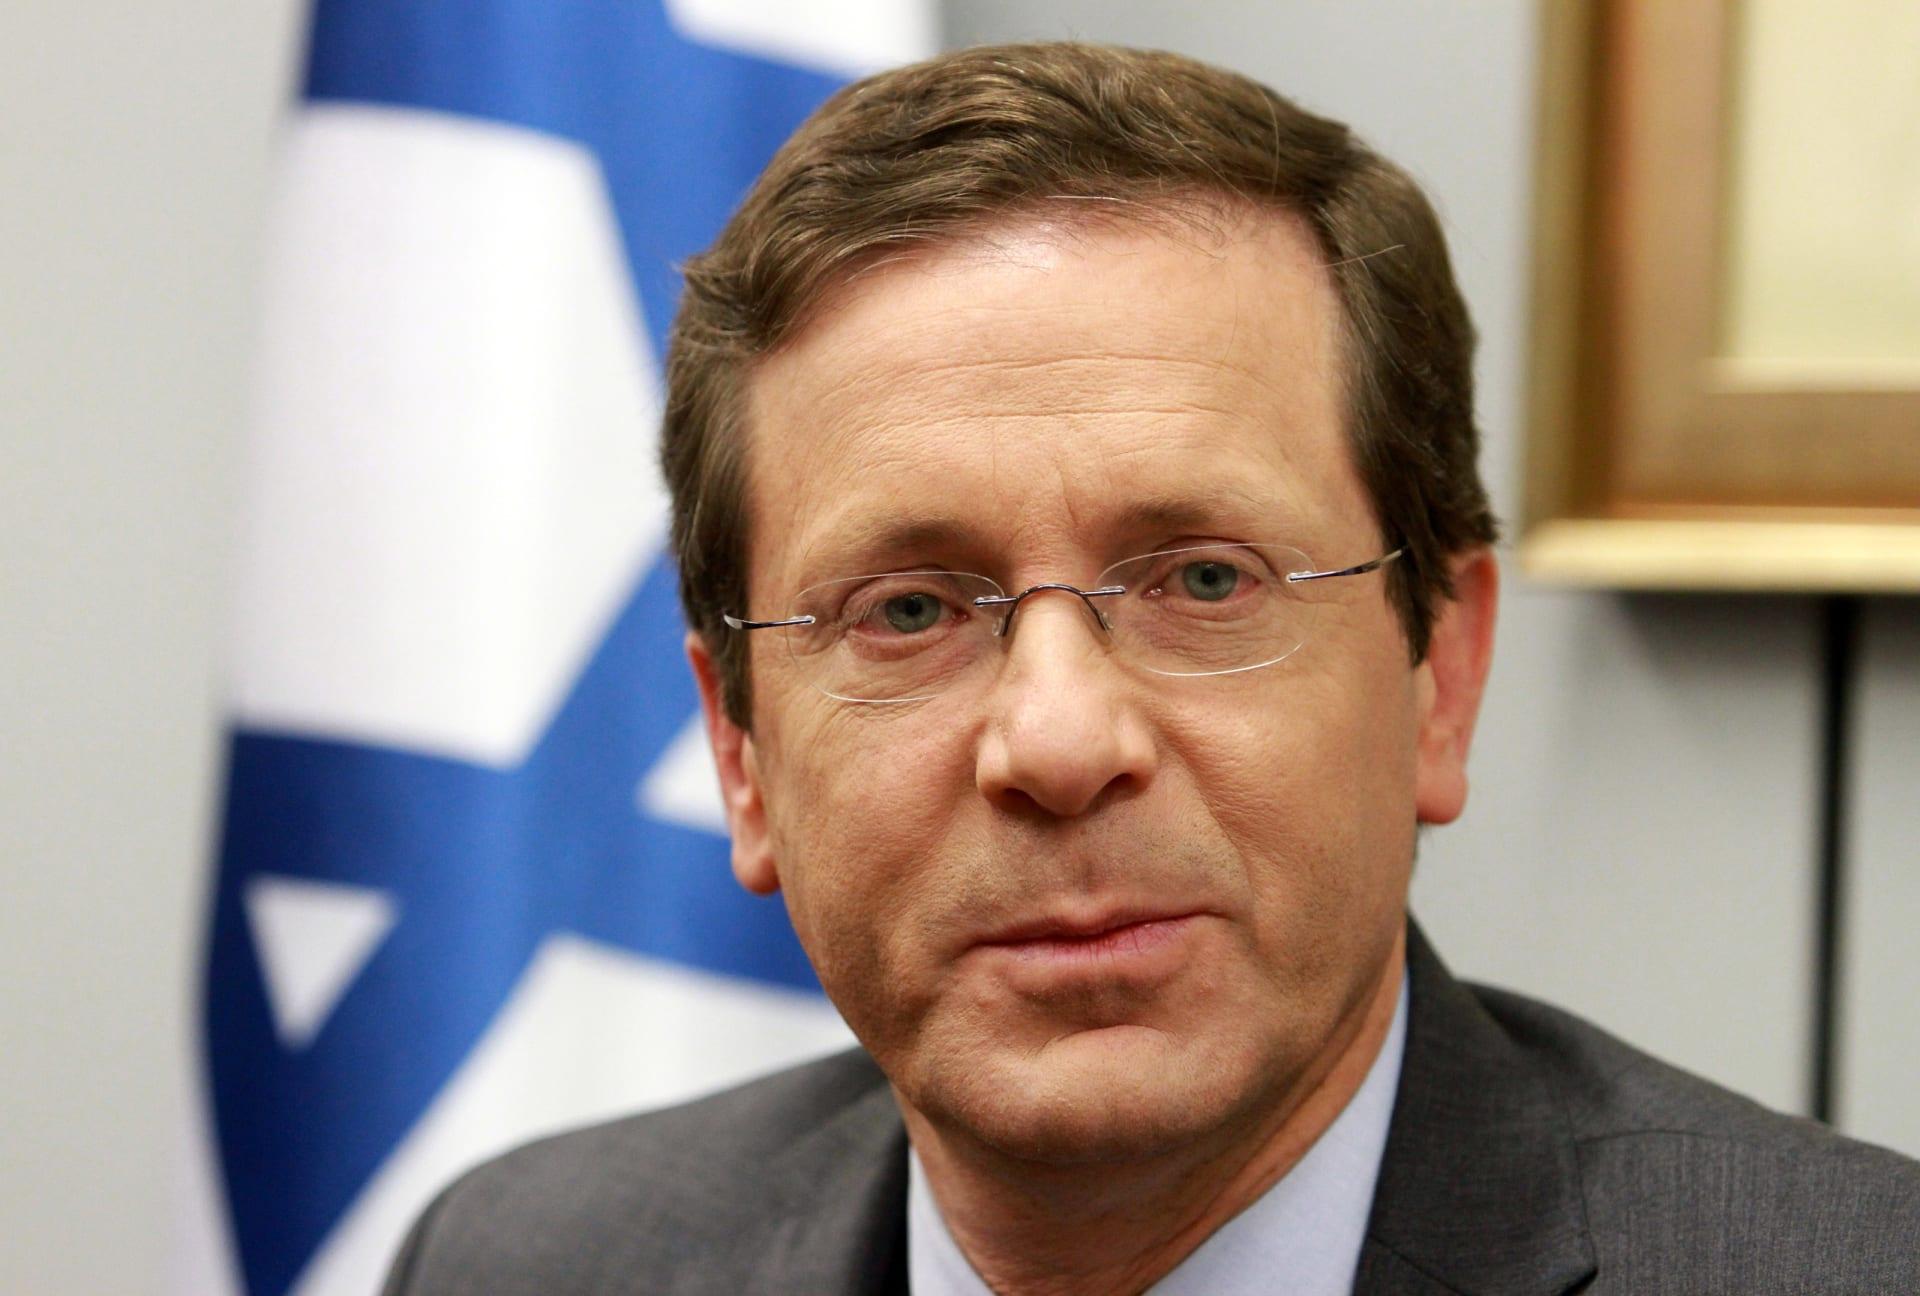 والده كان شغل المنصب نفسه سابقا.. الكنيست ينتخب رئيسا جديدا لإسرائيل